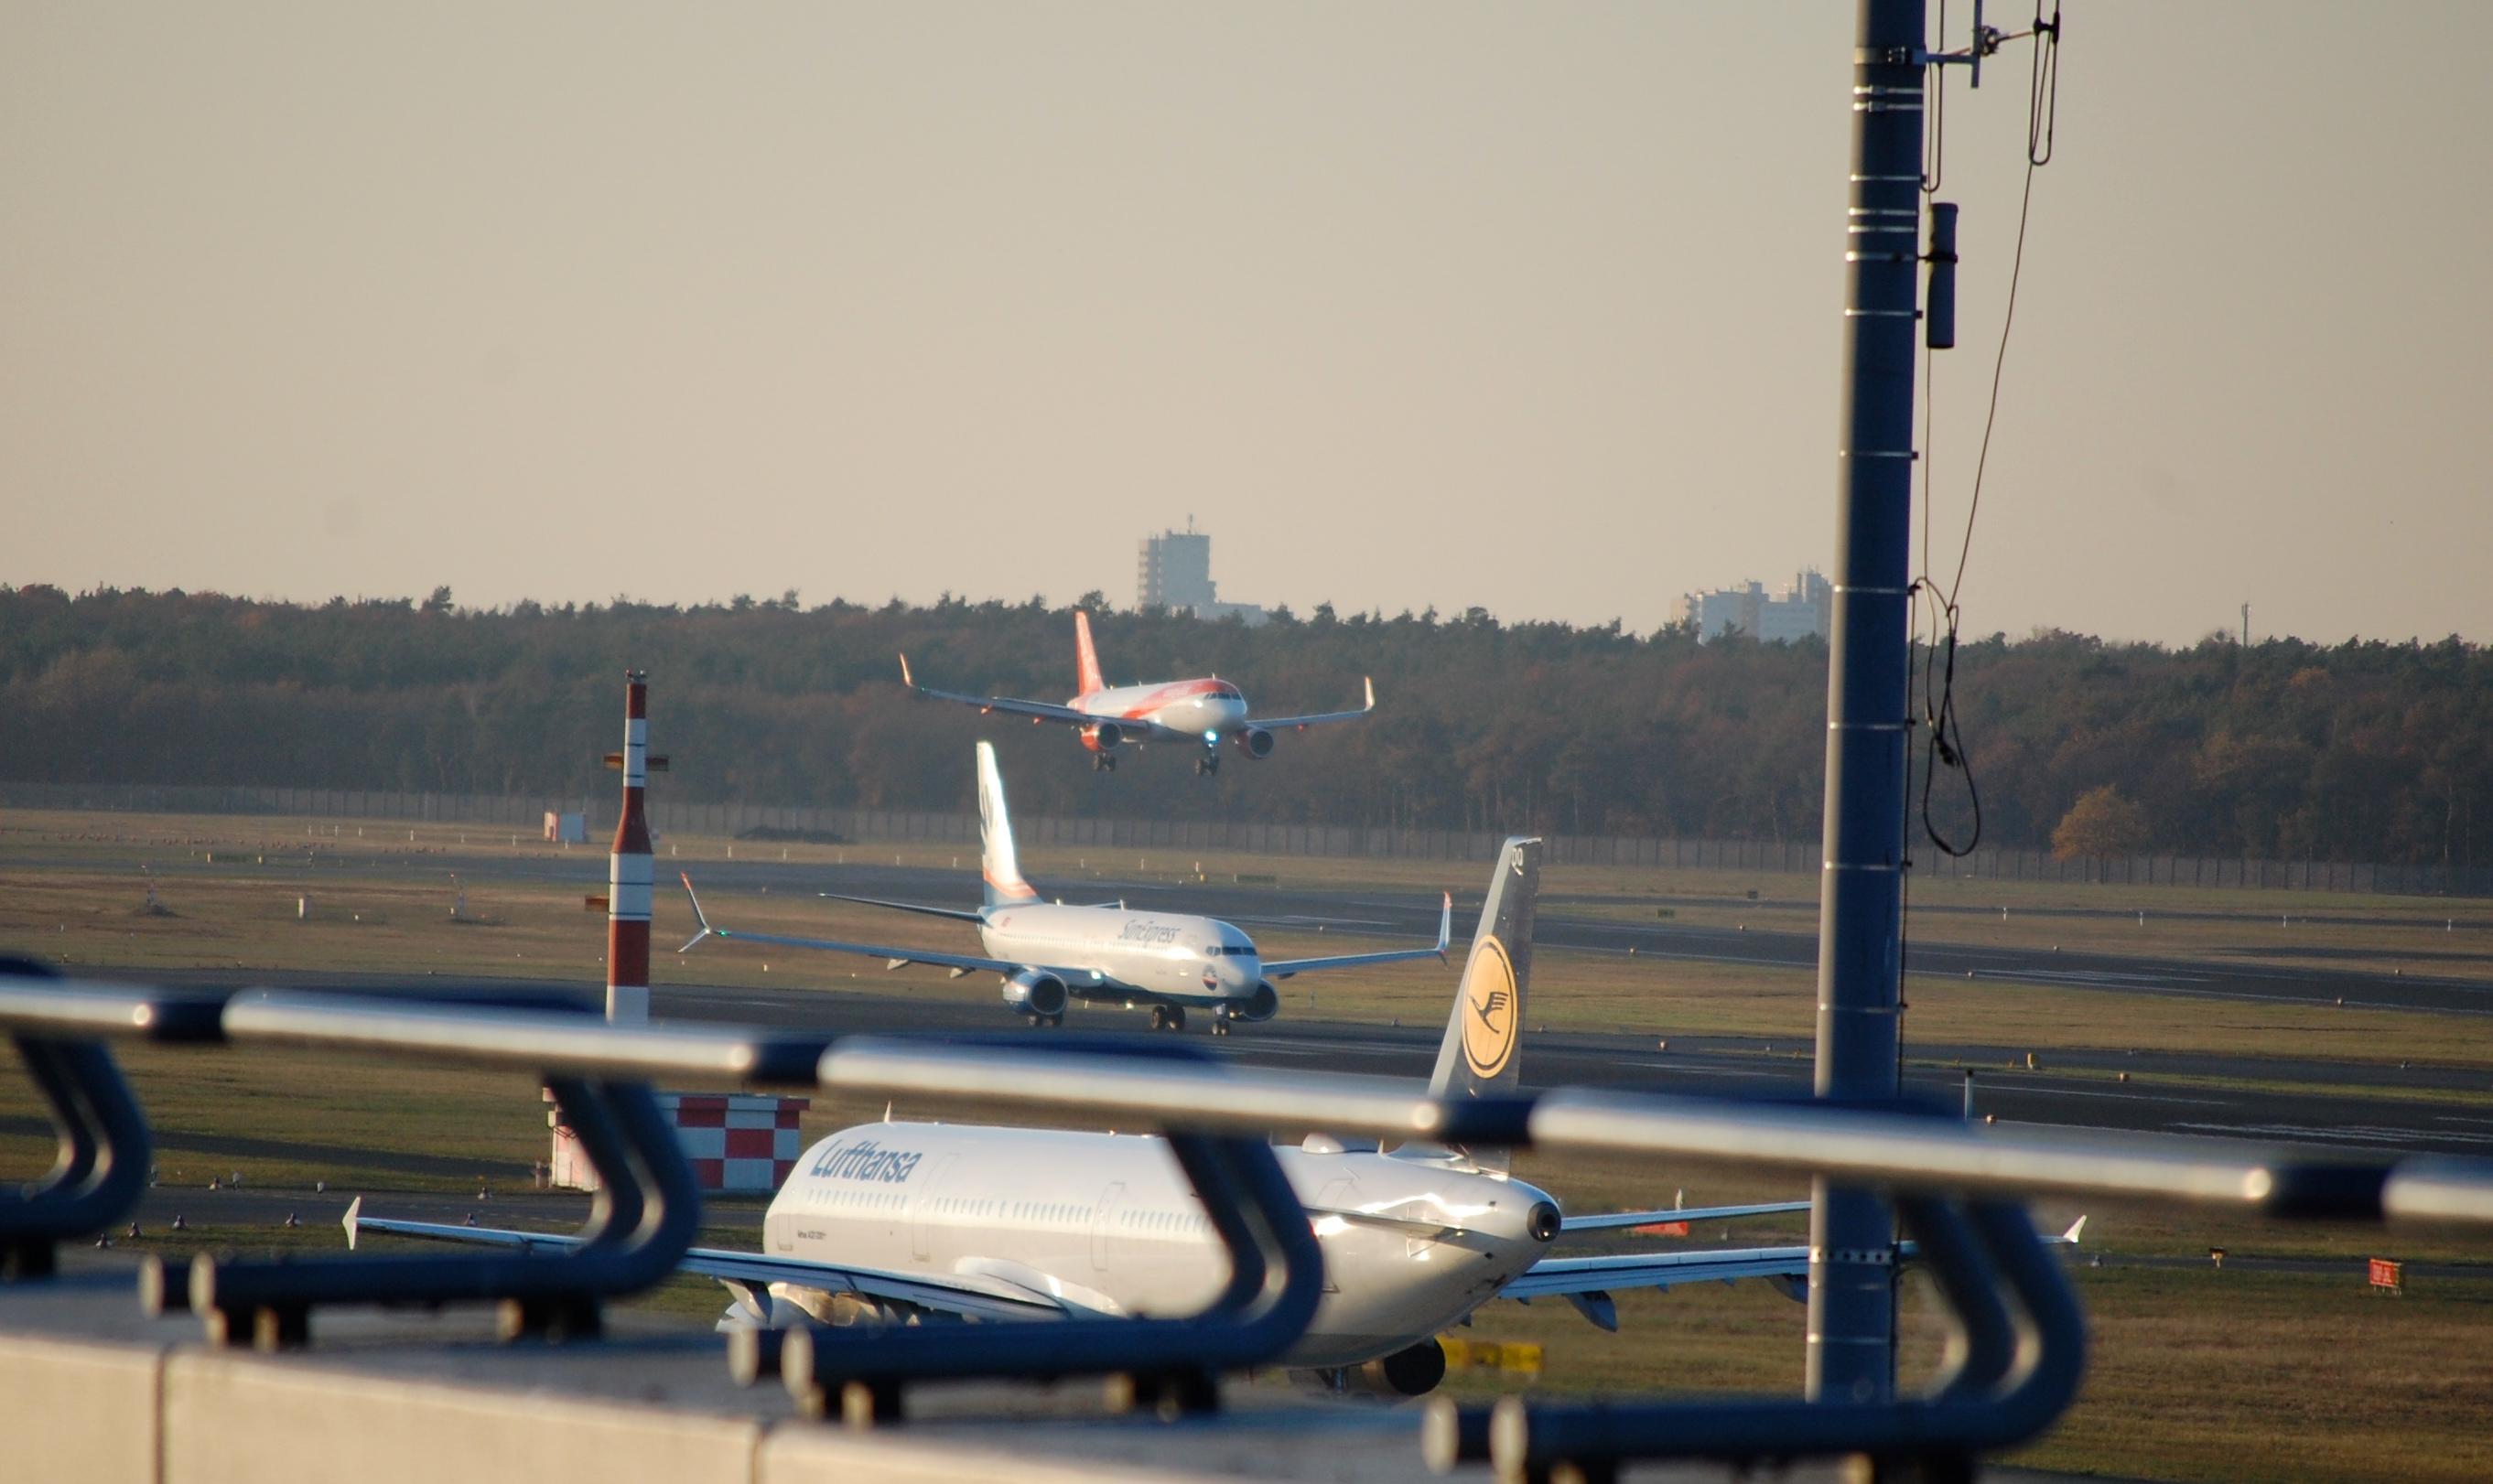 Für 100€ einen Lufthansa Flug buchen und 20€ Amazon Gutschein erhalten